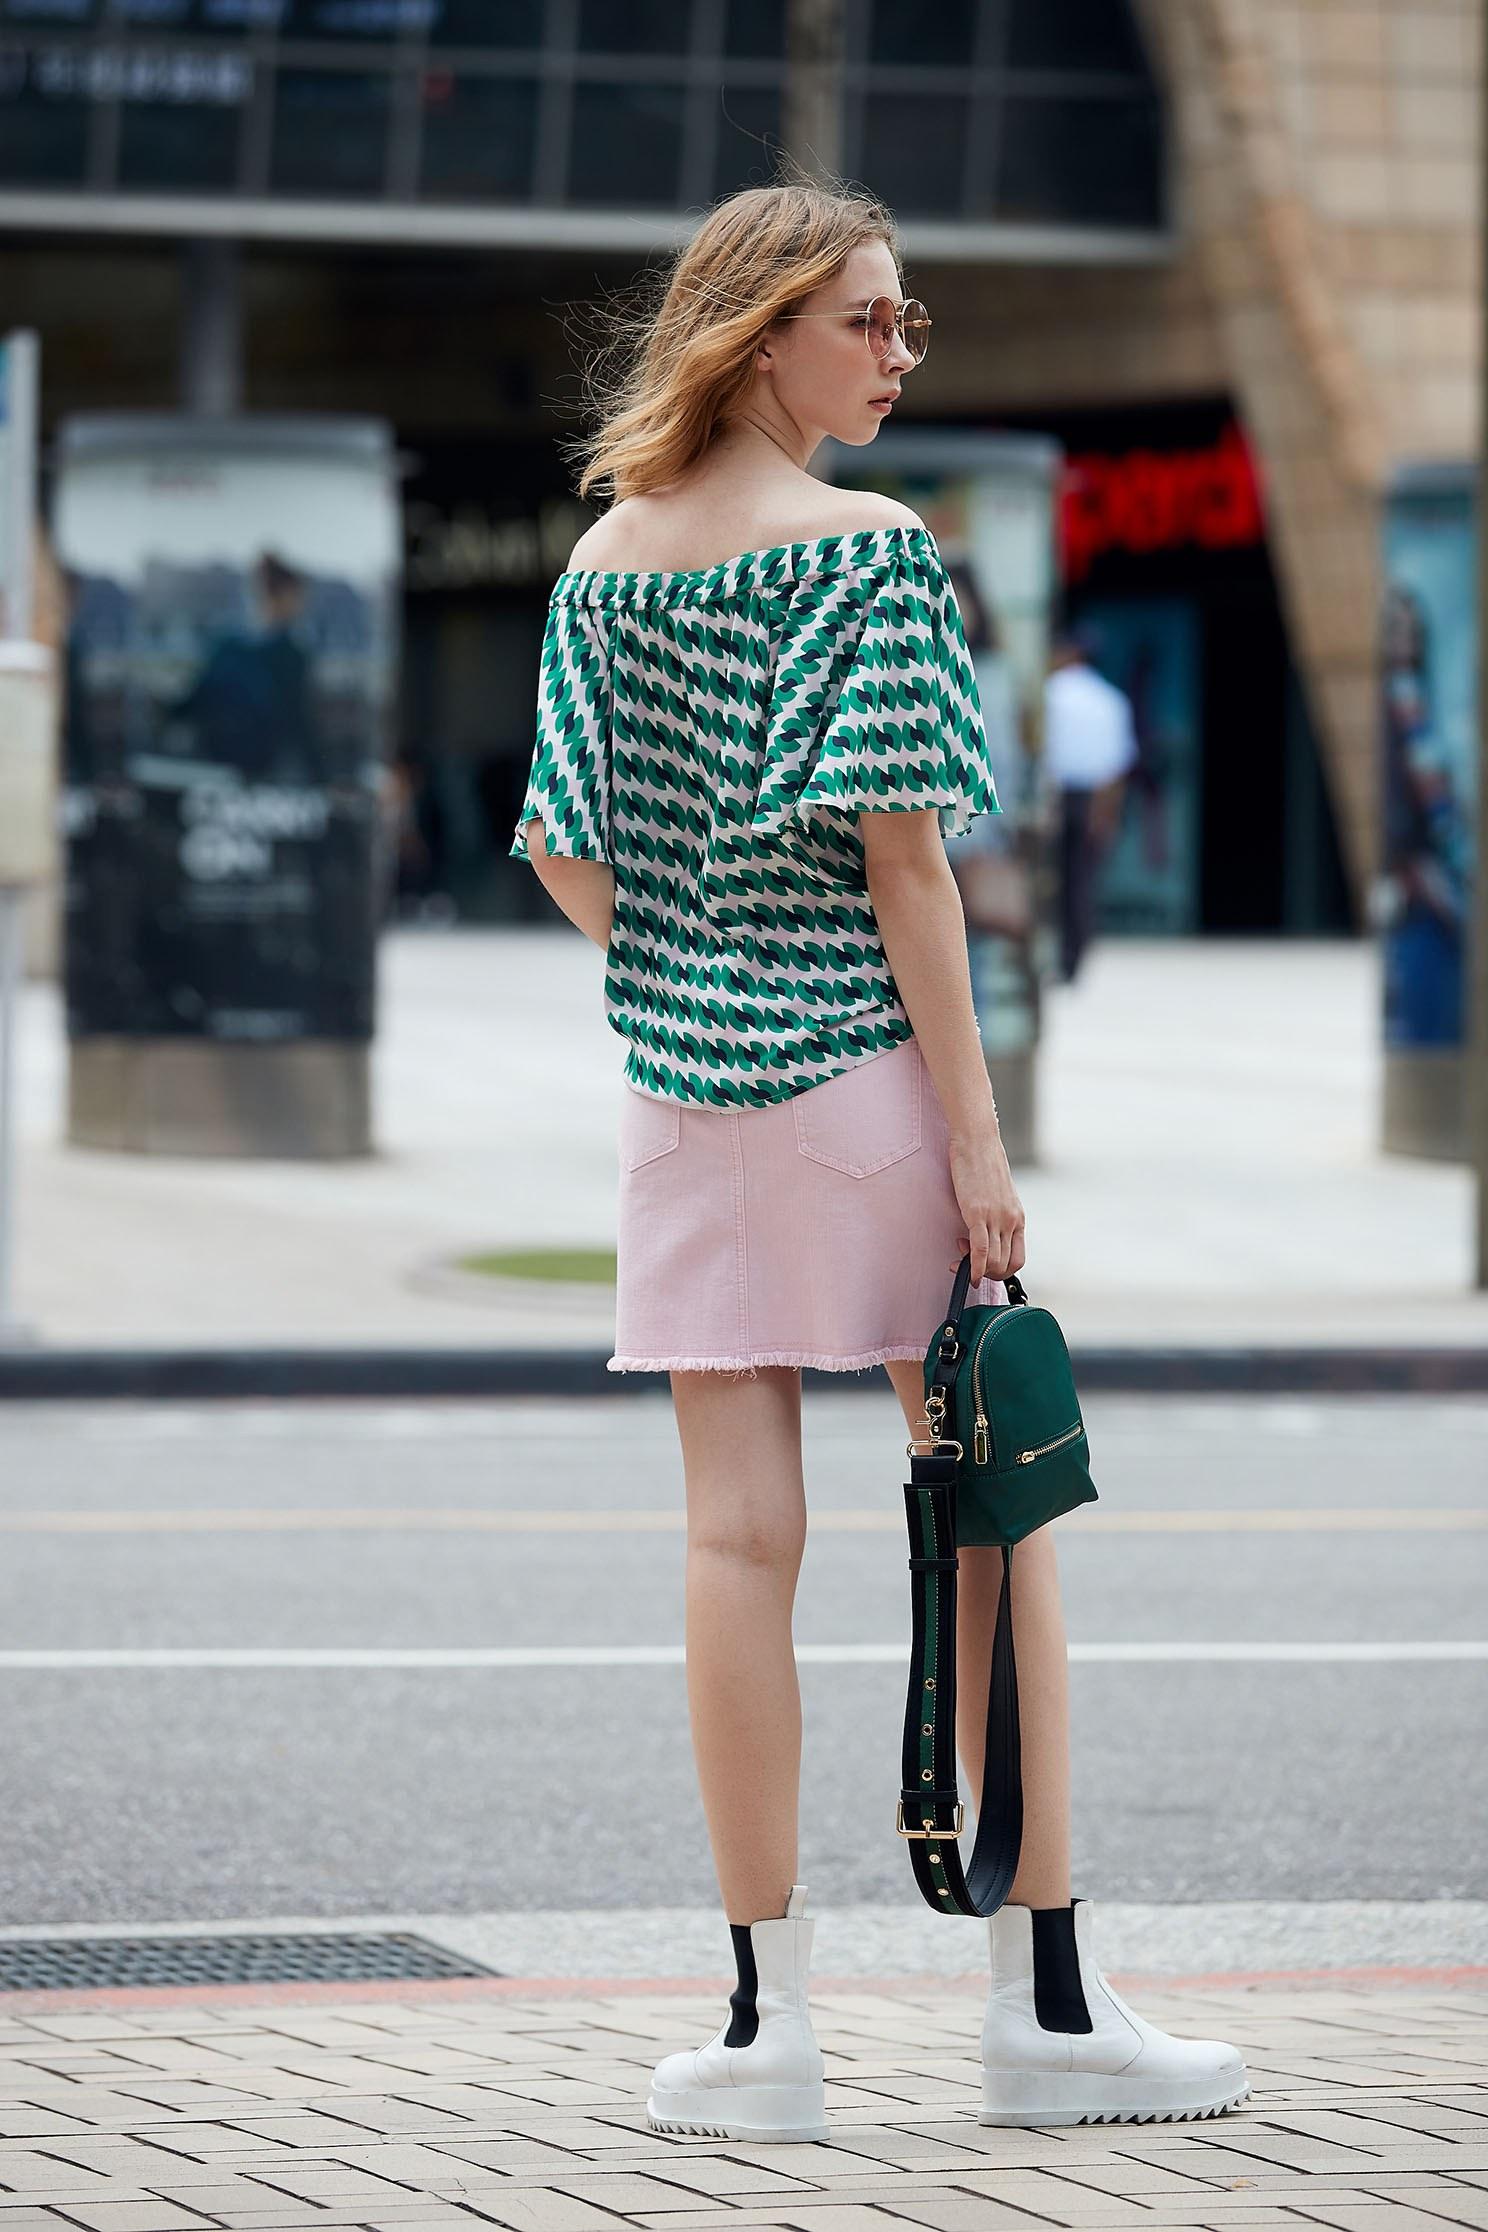 Pink denim skirt with embroidery,miniskirt,pencilskirt,cotton